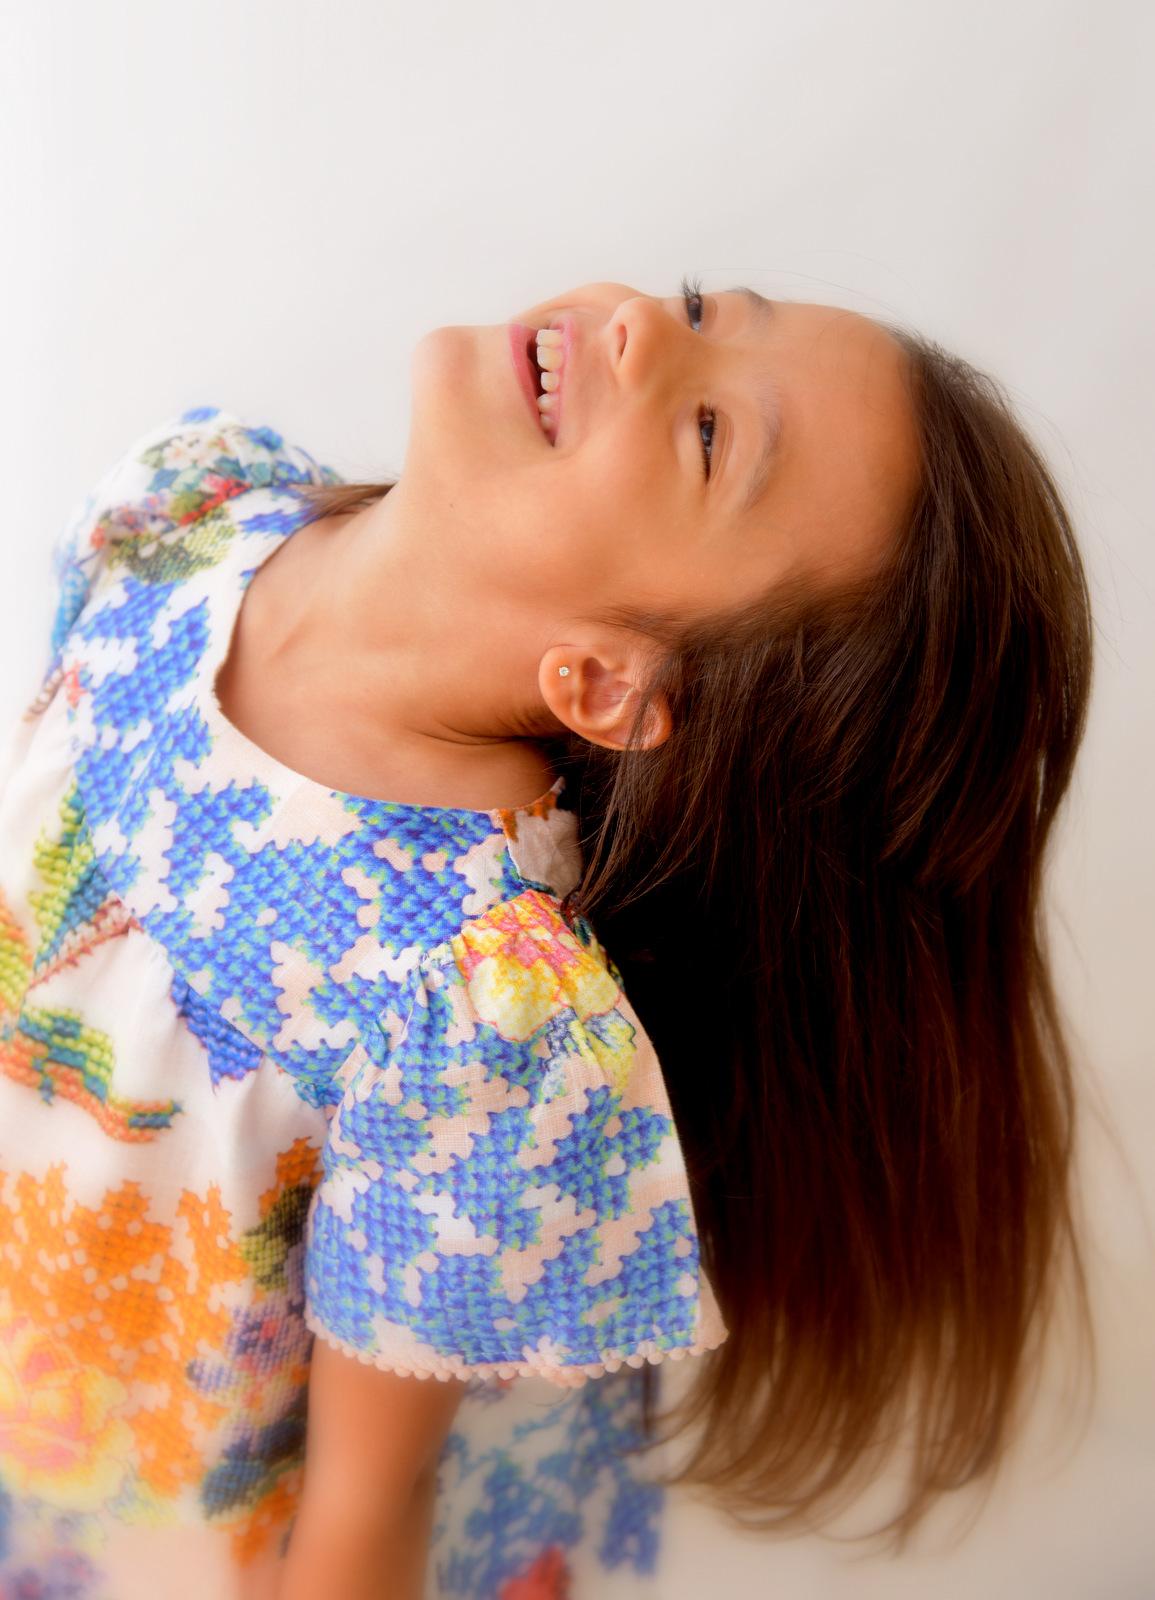 anna_clara_rimes